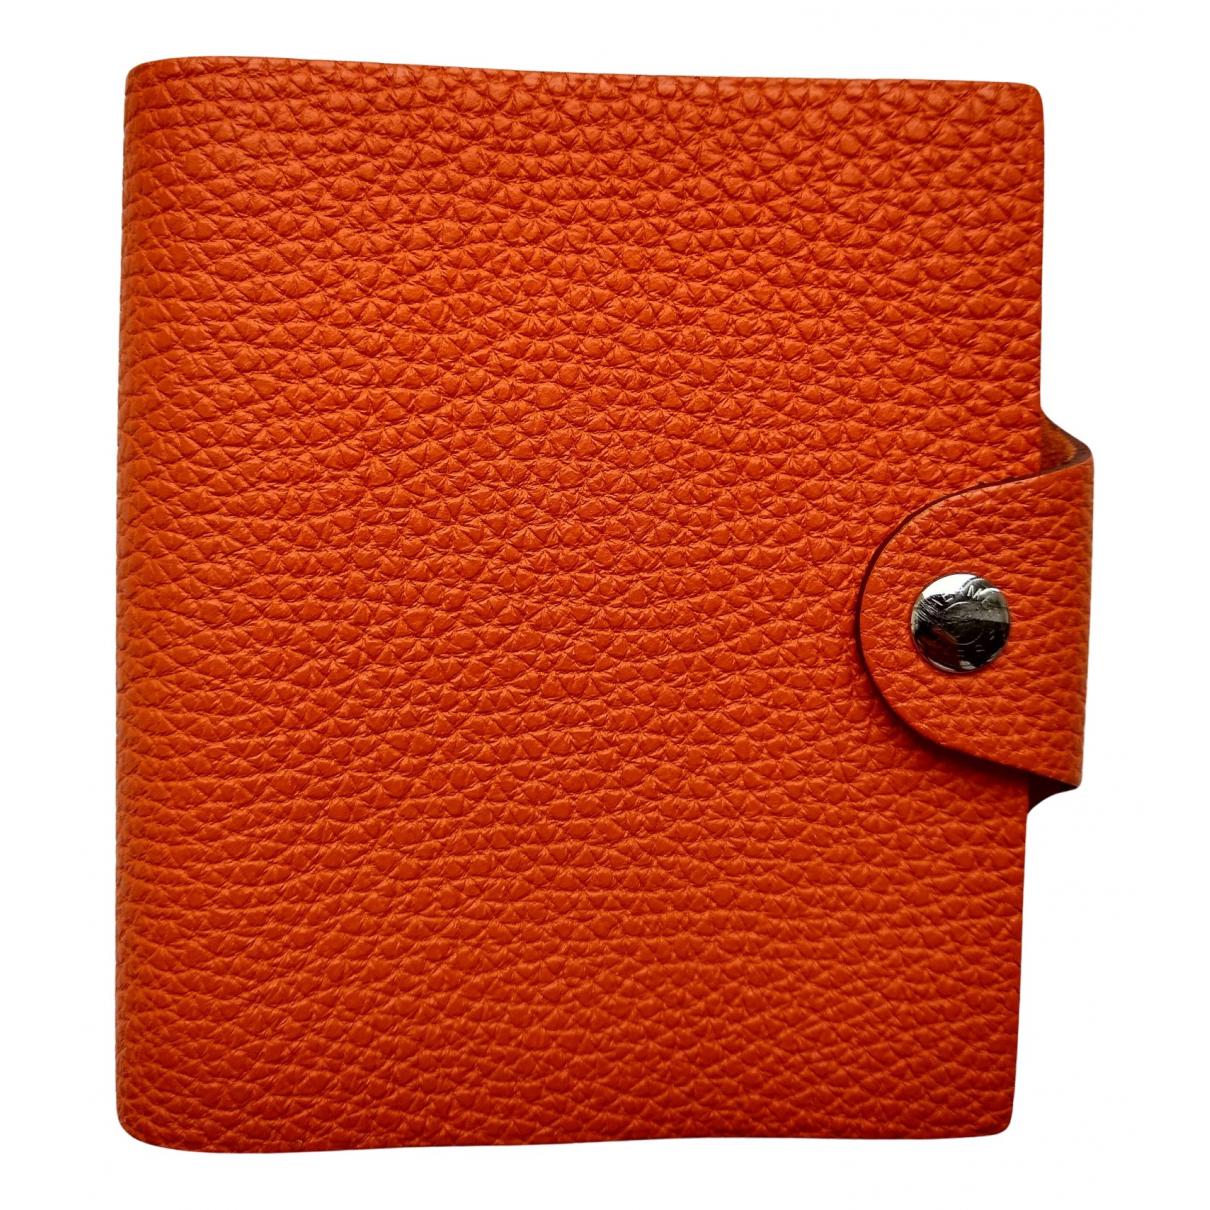 Hermes - Objets & Deco Ulysse MM pour lifestyle en cuir - orange